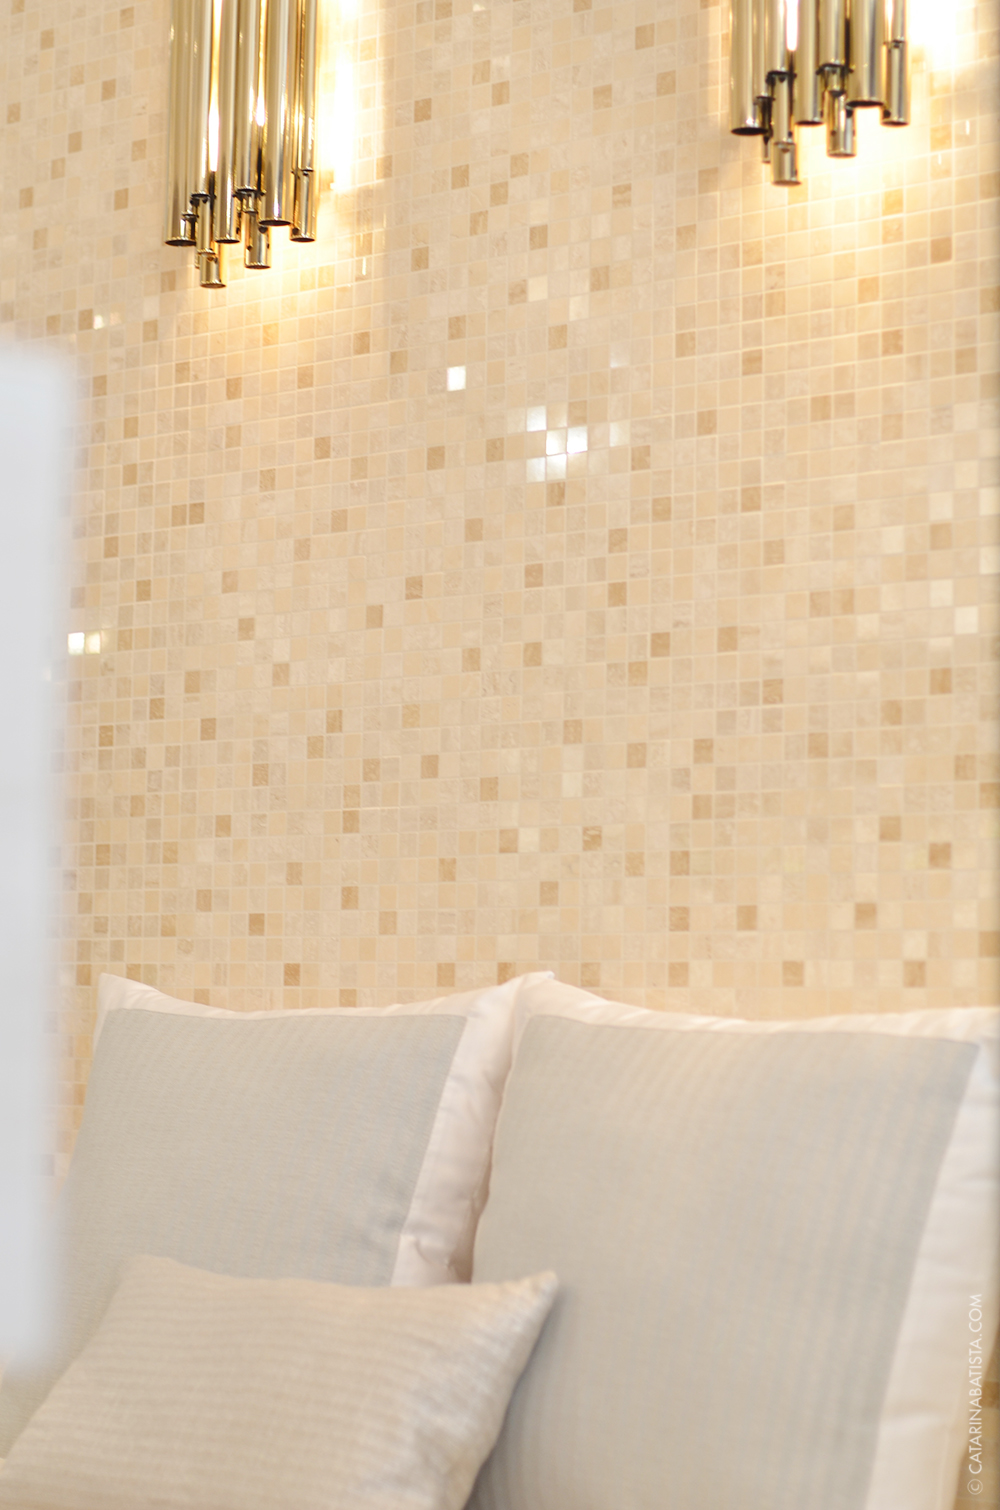 02-catarina-batista-arquitectura-design-interior-showroom-love-tiles-flat-bedroom-livingroom-bathroom.jpg